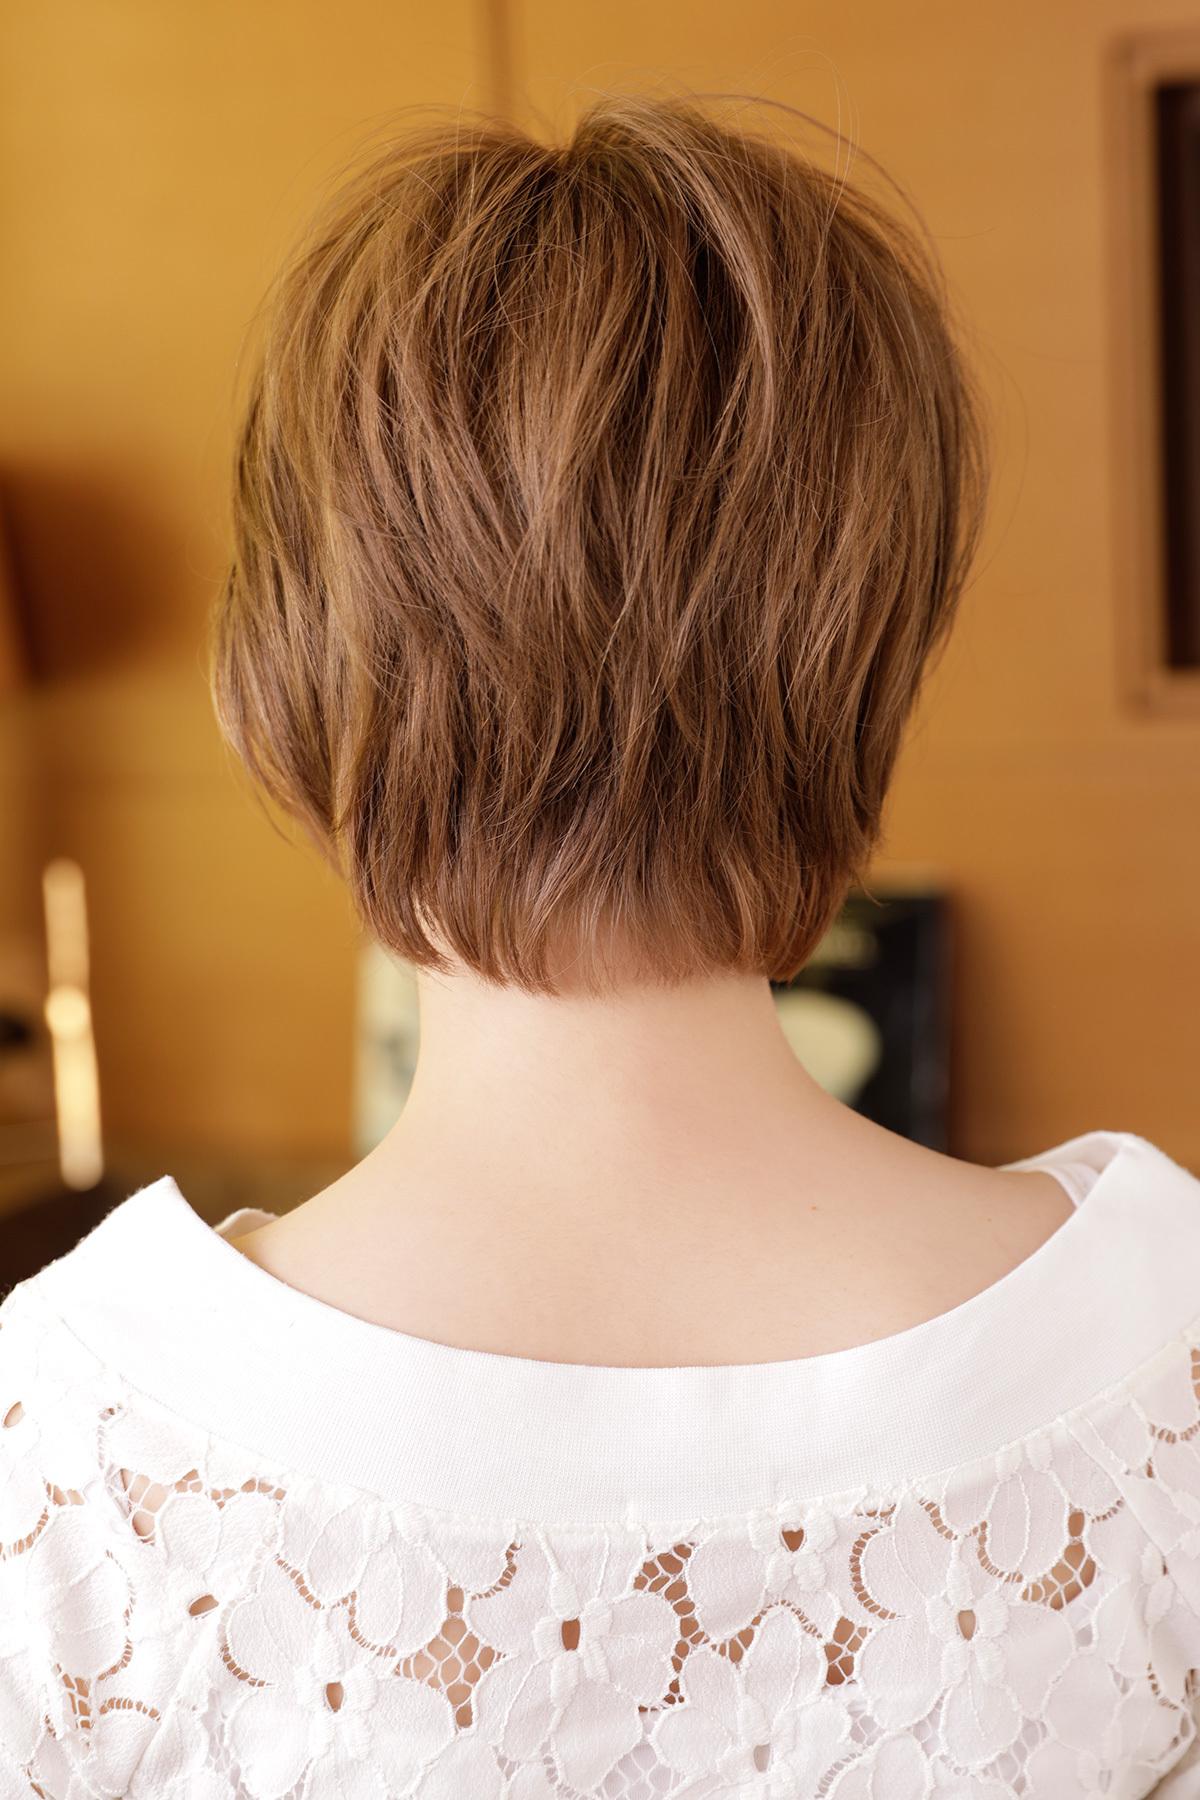 スモーキーアッシュでつくるハンサムガールのショートヘア